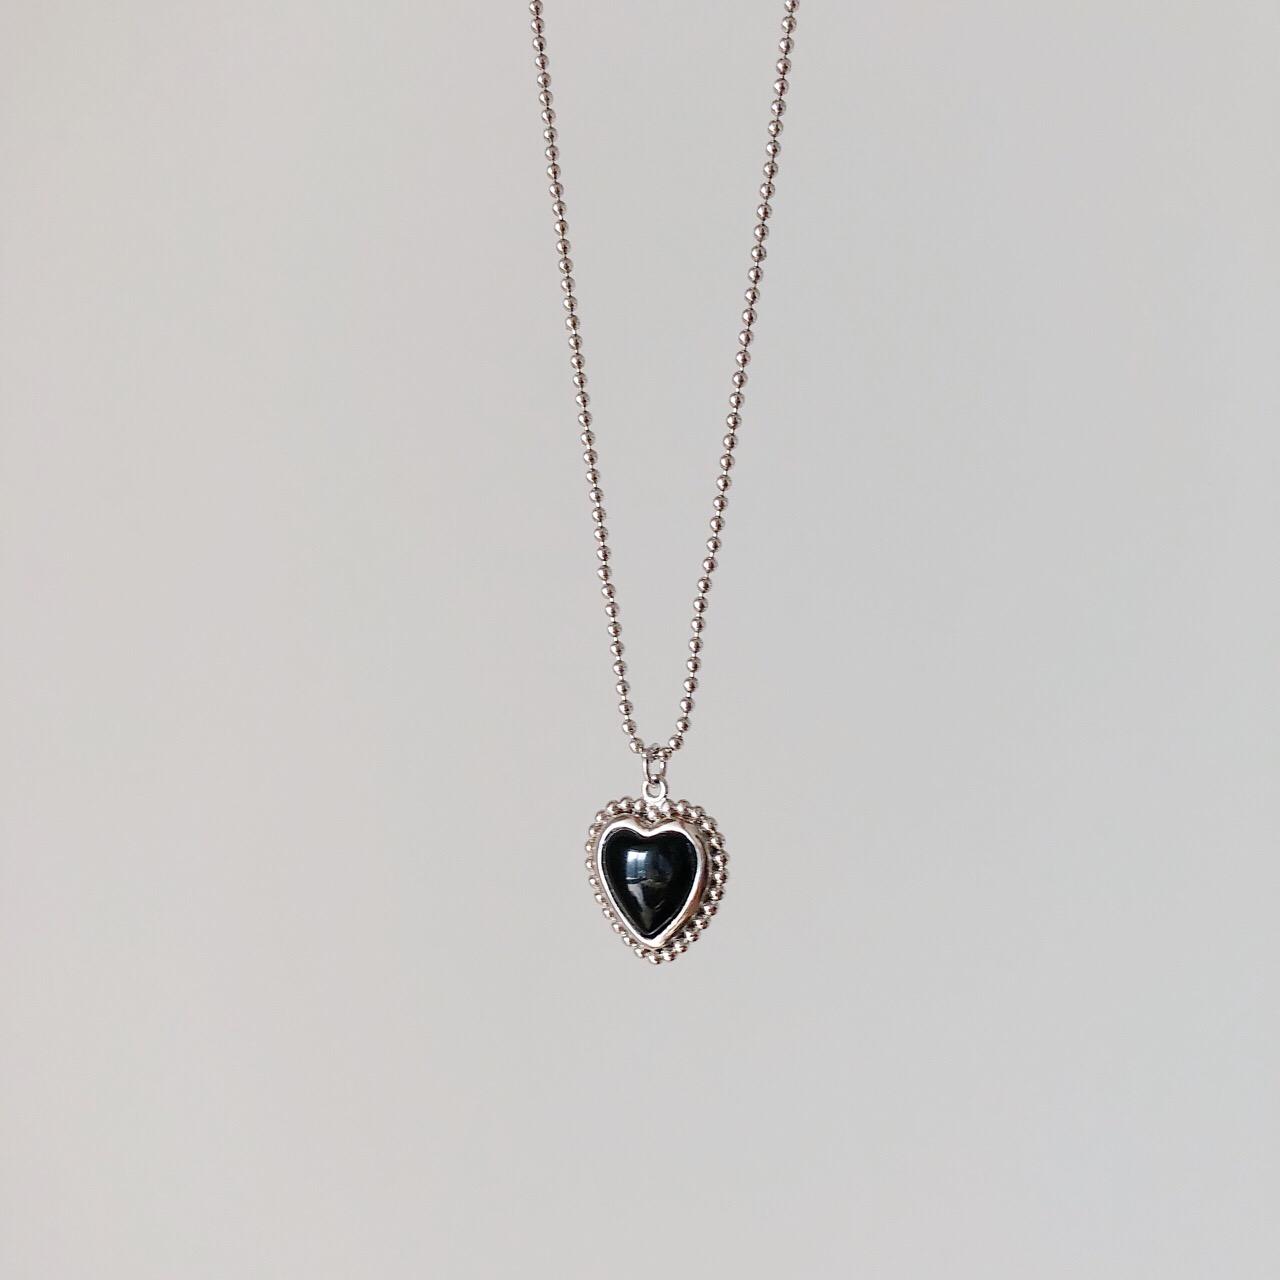 复古925纯银黑玛瑙爱心项链女时尚气质少女心圆珠链转运珠锁骨链